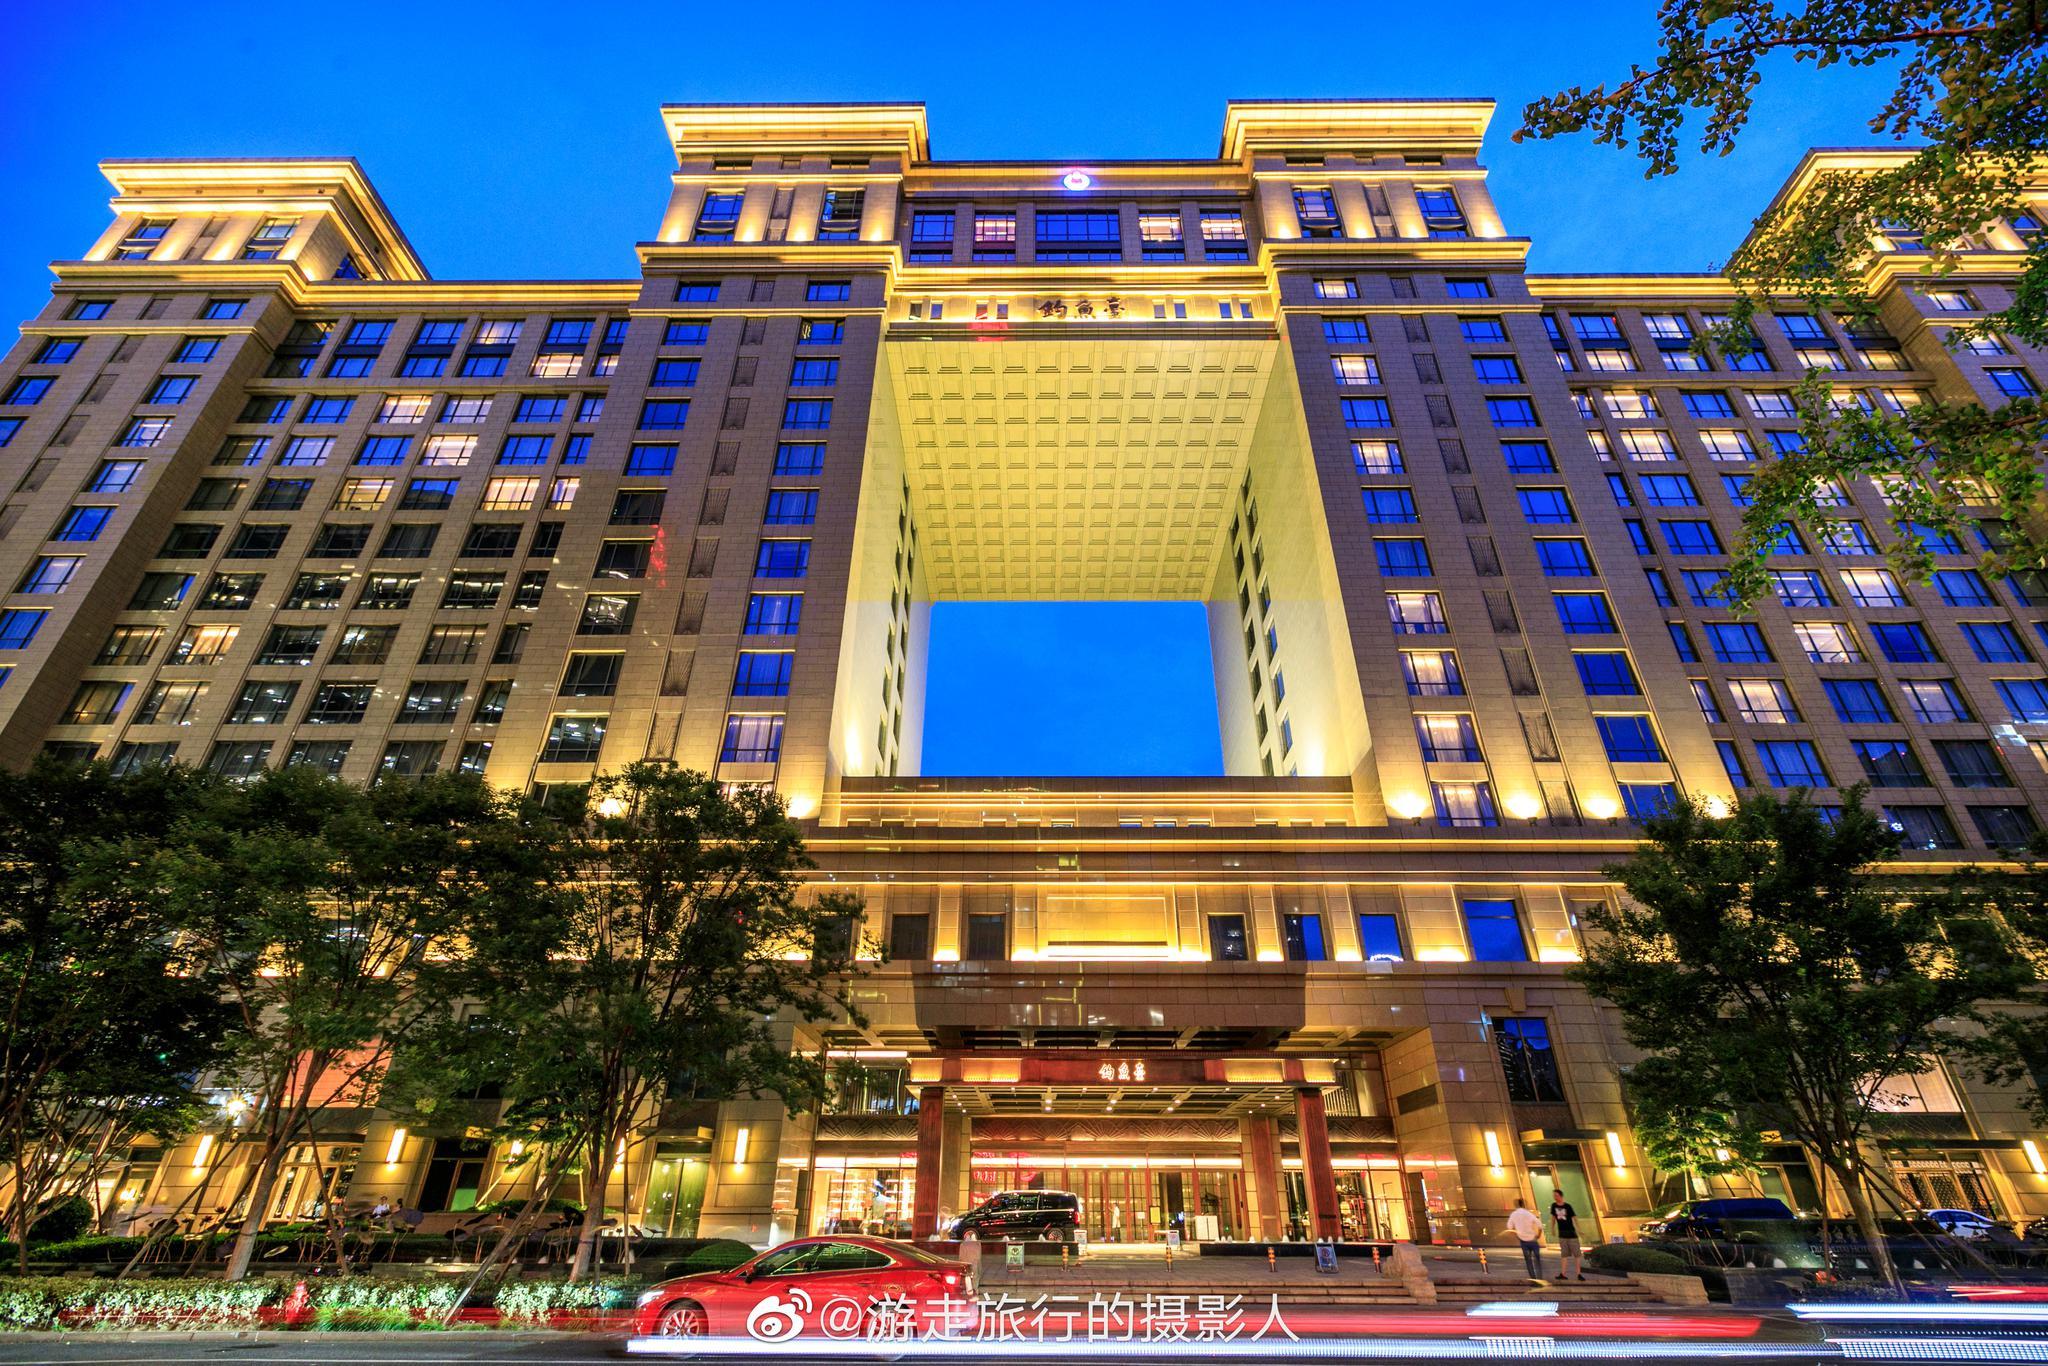 入住厚重、灵秀、中西结合的杭州泛海钓鱼台酒店